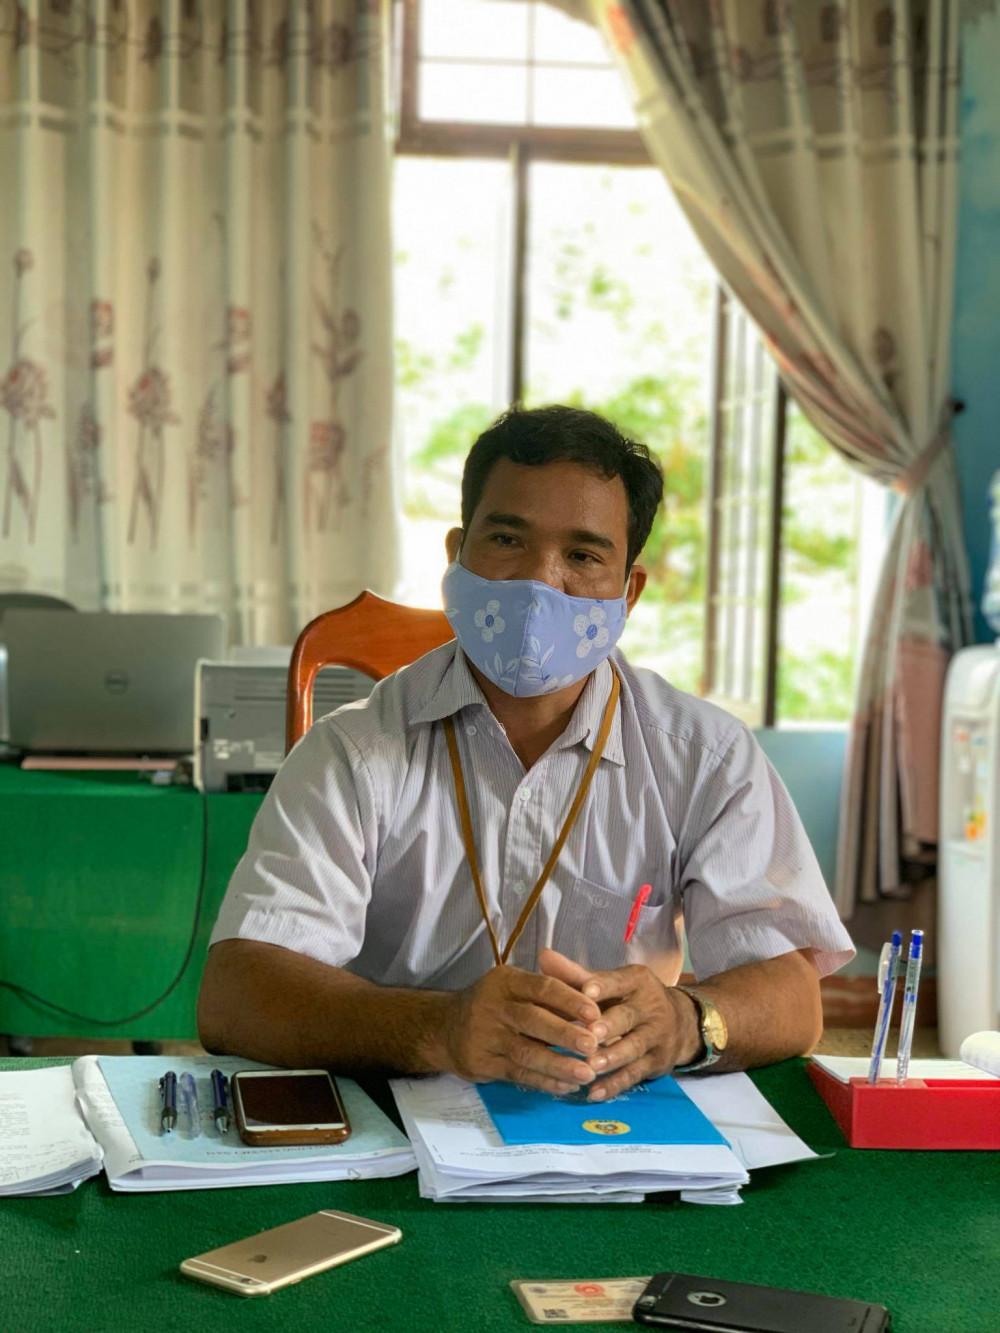 Ông Phạm Văn Tem - Chủ tịch UBND xã Ba Xa cho biết, lỗi này nằm ở bộ phận kế toán của xã và cơ quan chức năng đang vào cuộc, làm rõ